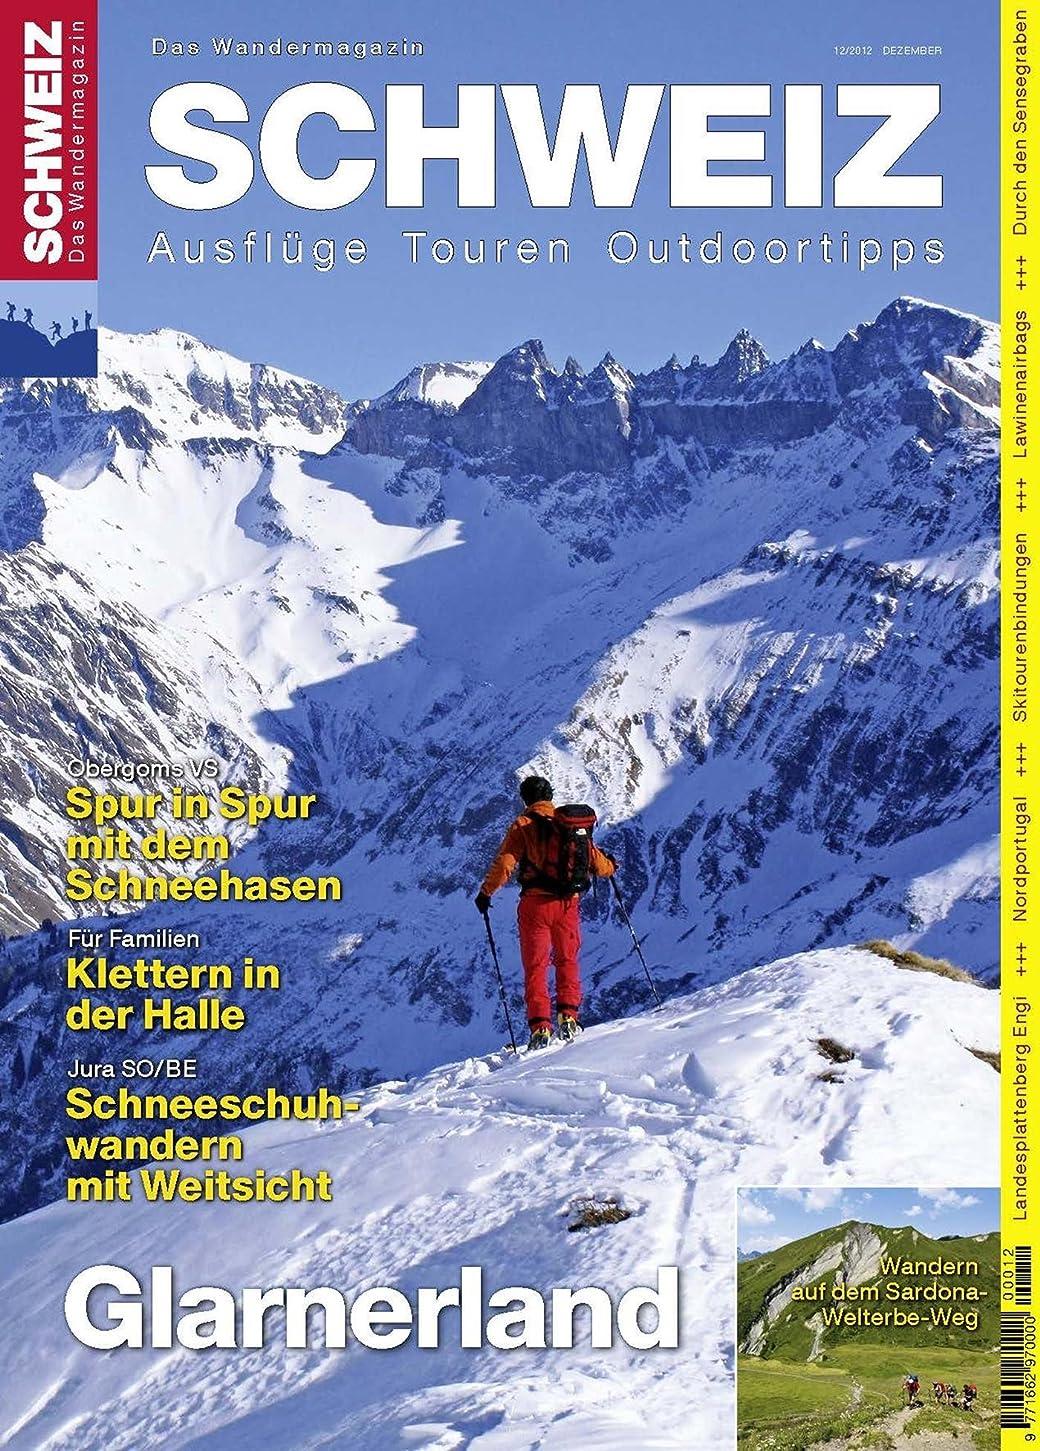 口ひげコカイン水を飲むGlarnerland: Wandermagazin SCHWEIZ 12_2012 (German Edition)